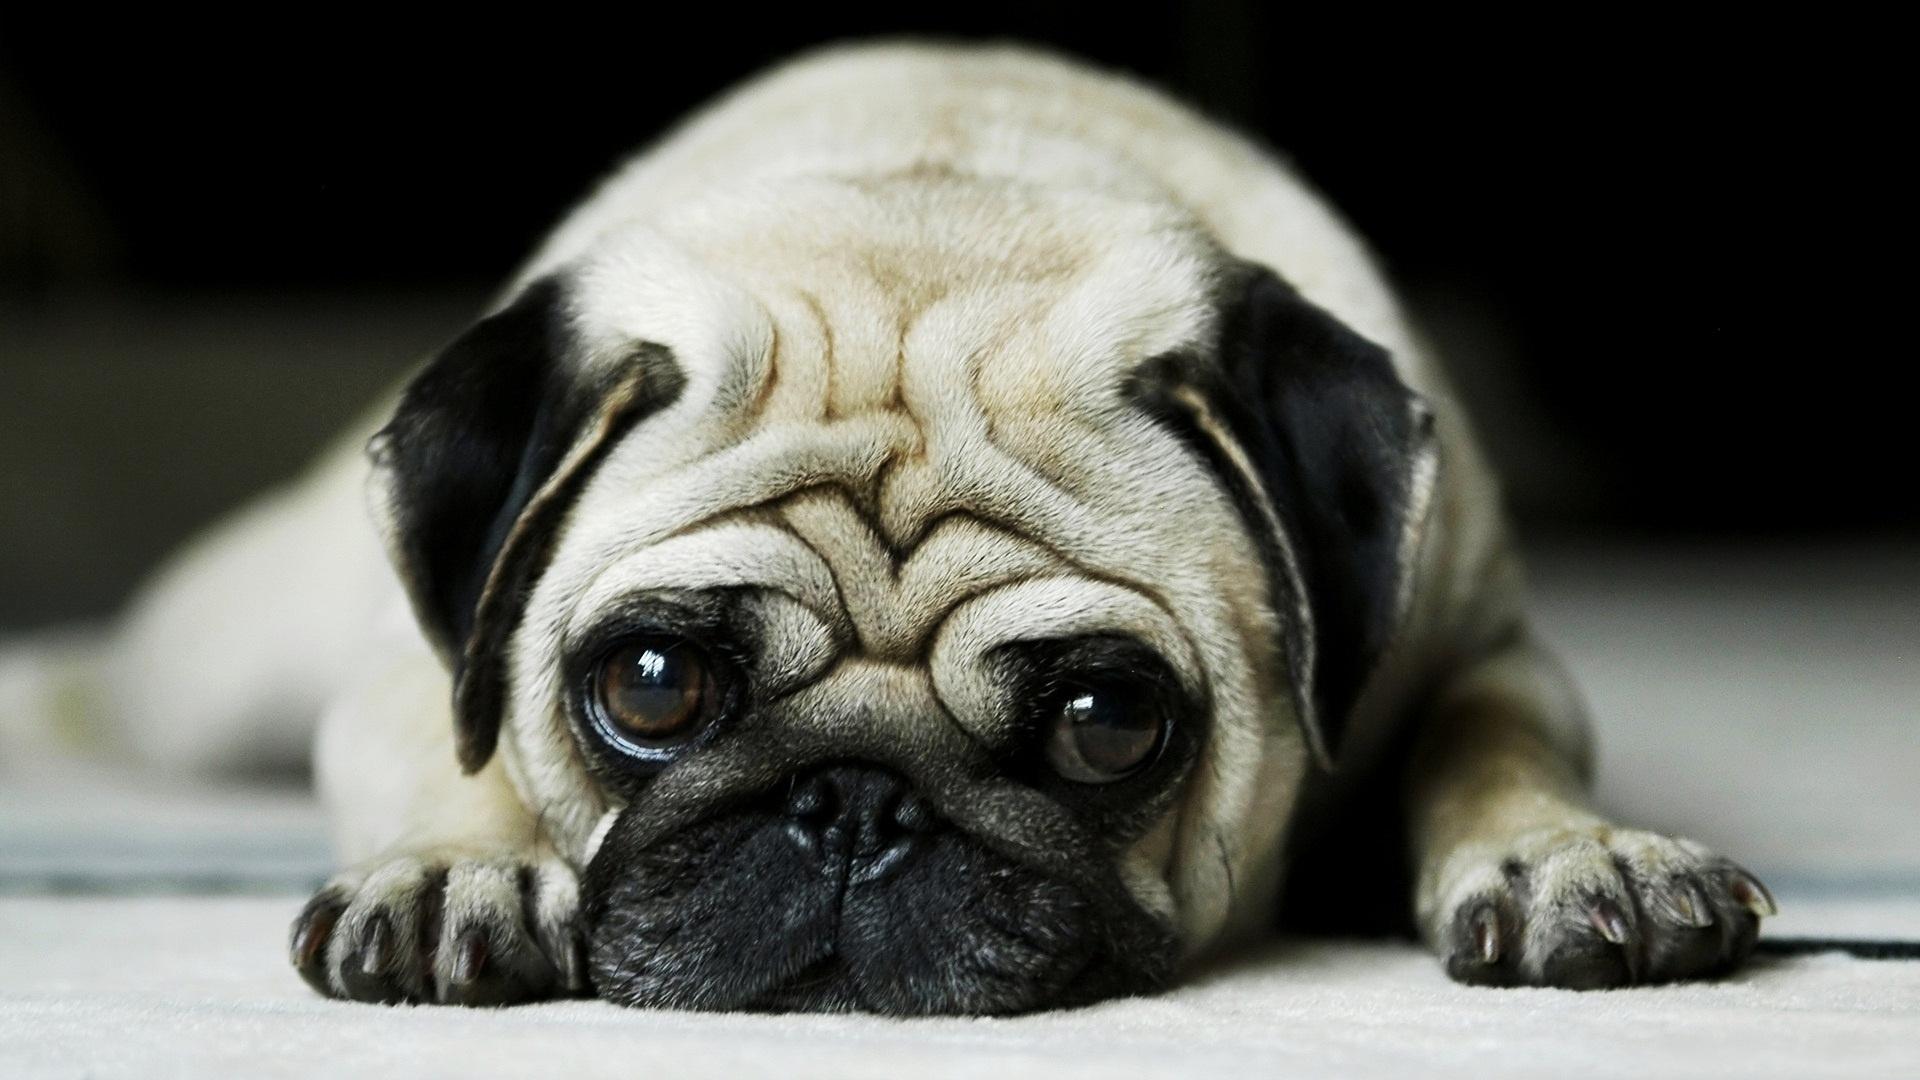 грустная собачка, скачать фото, обои для рабочего стола, мопс